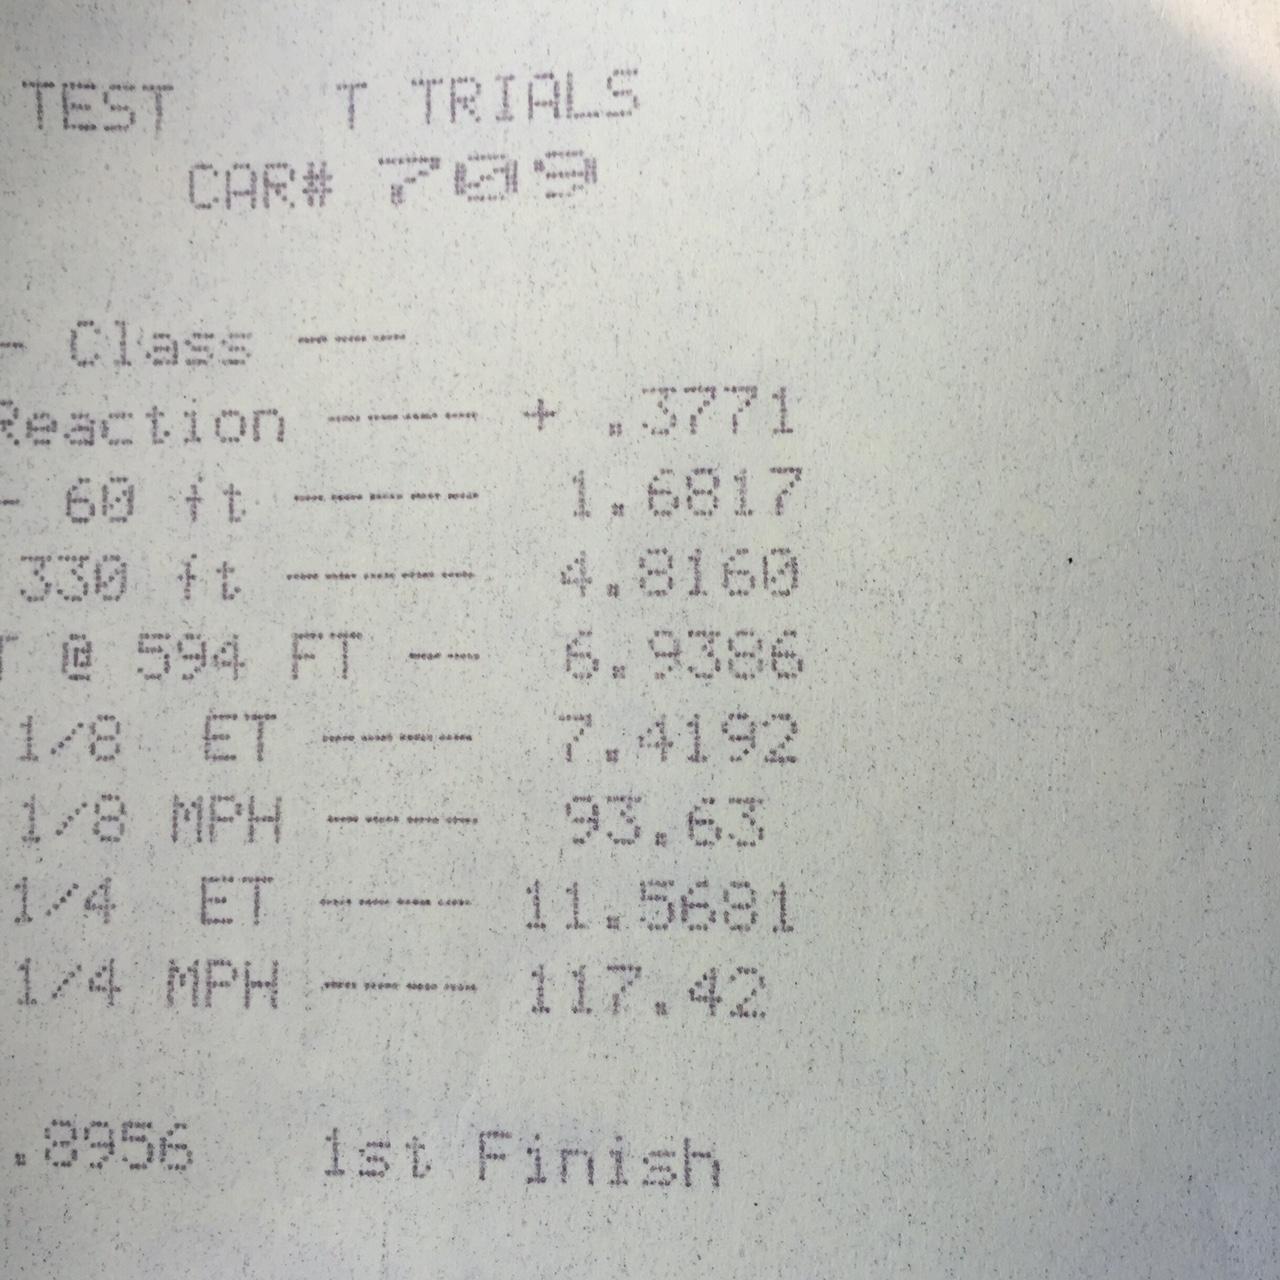 11.56 at 117.42mph